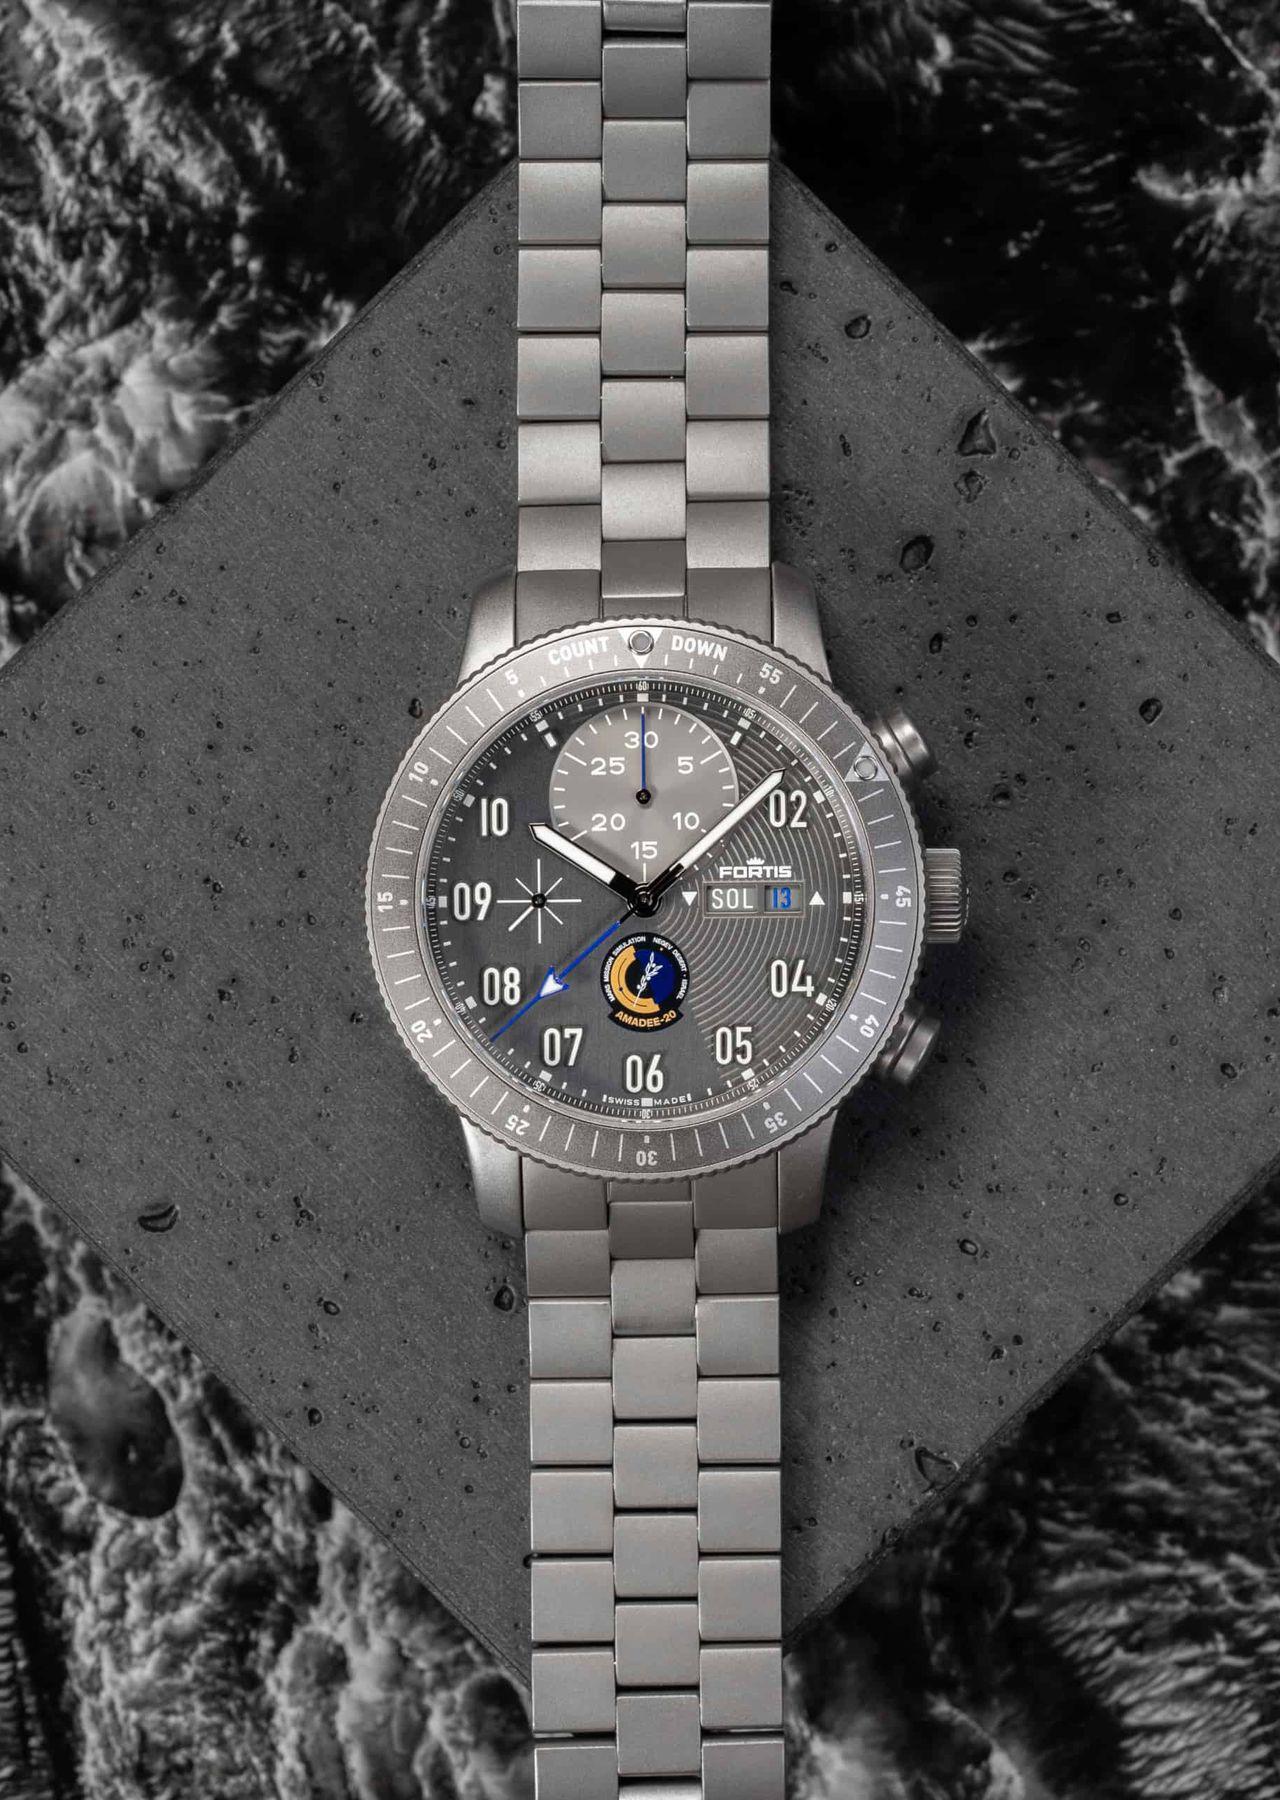 Fortis AMADEE-20 Official Cosmonauts Chronograph - nem egy tipikus 7750-es külső